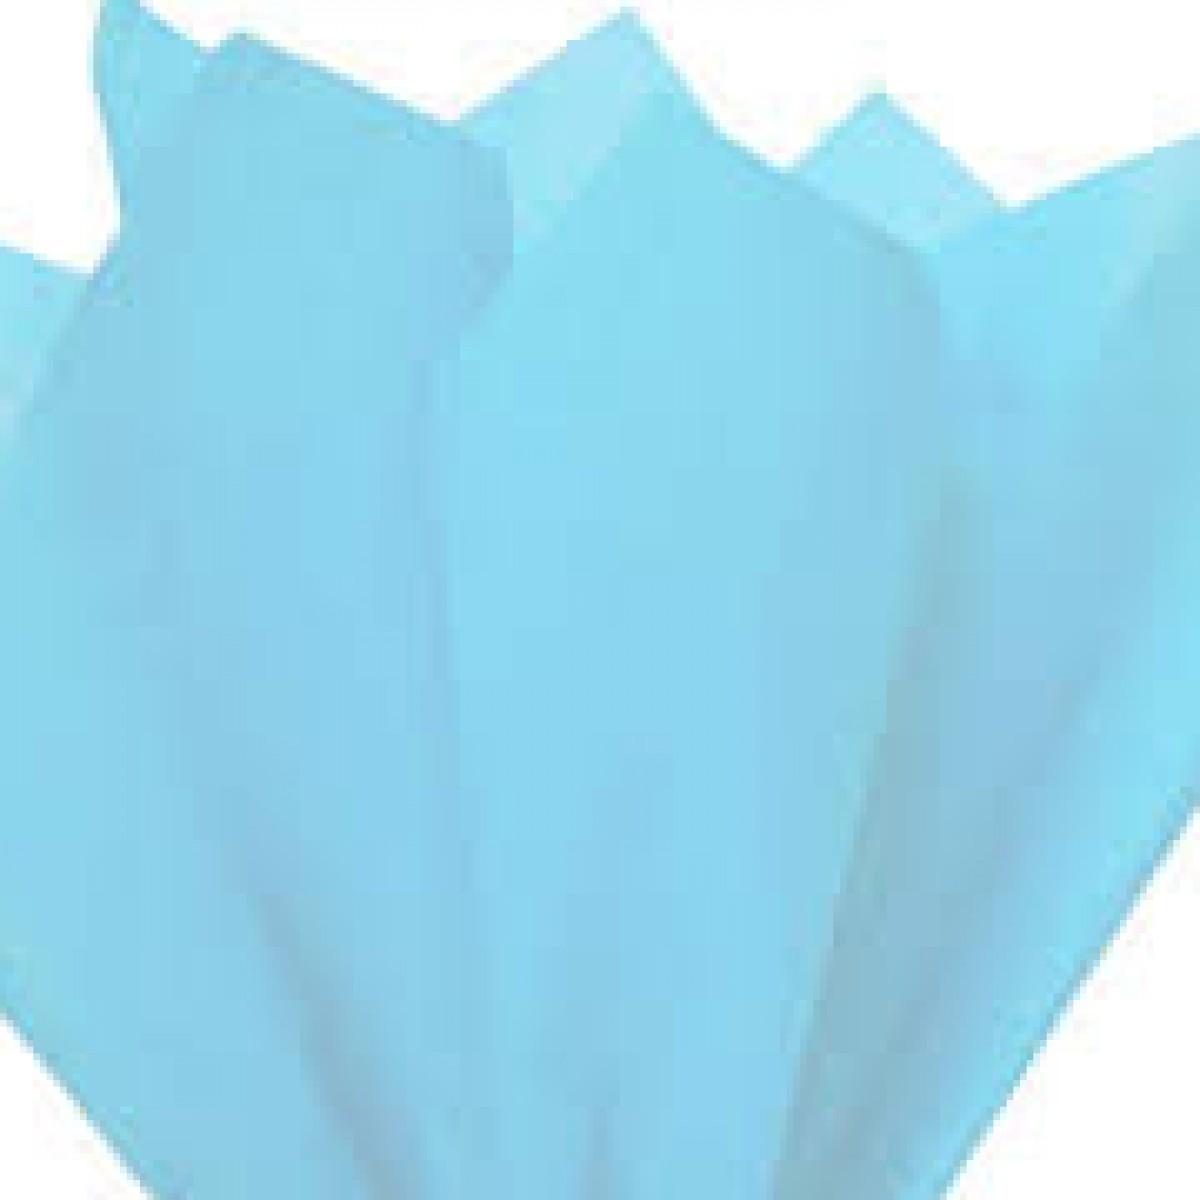 7520 Sky Blue 75cmx60cm Tissue Floral Wraps - 100 Sheets